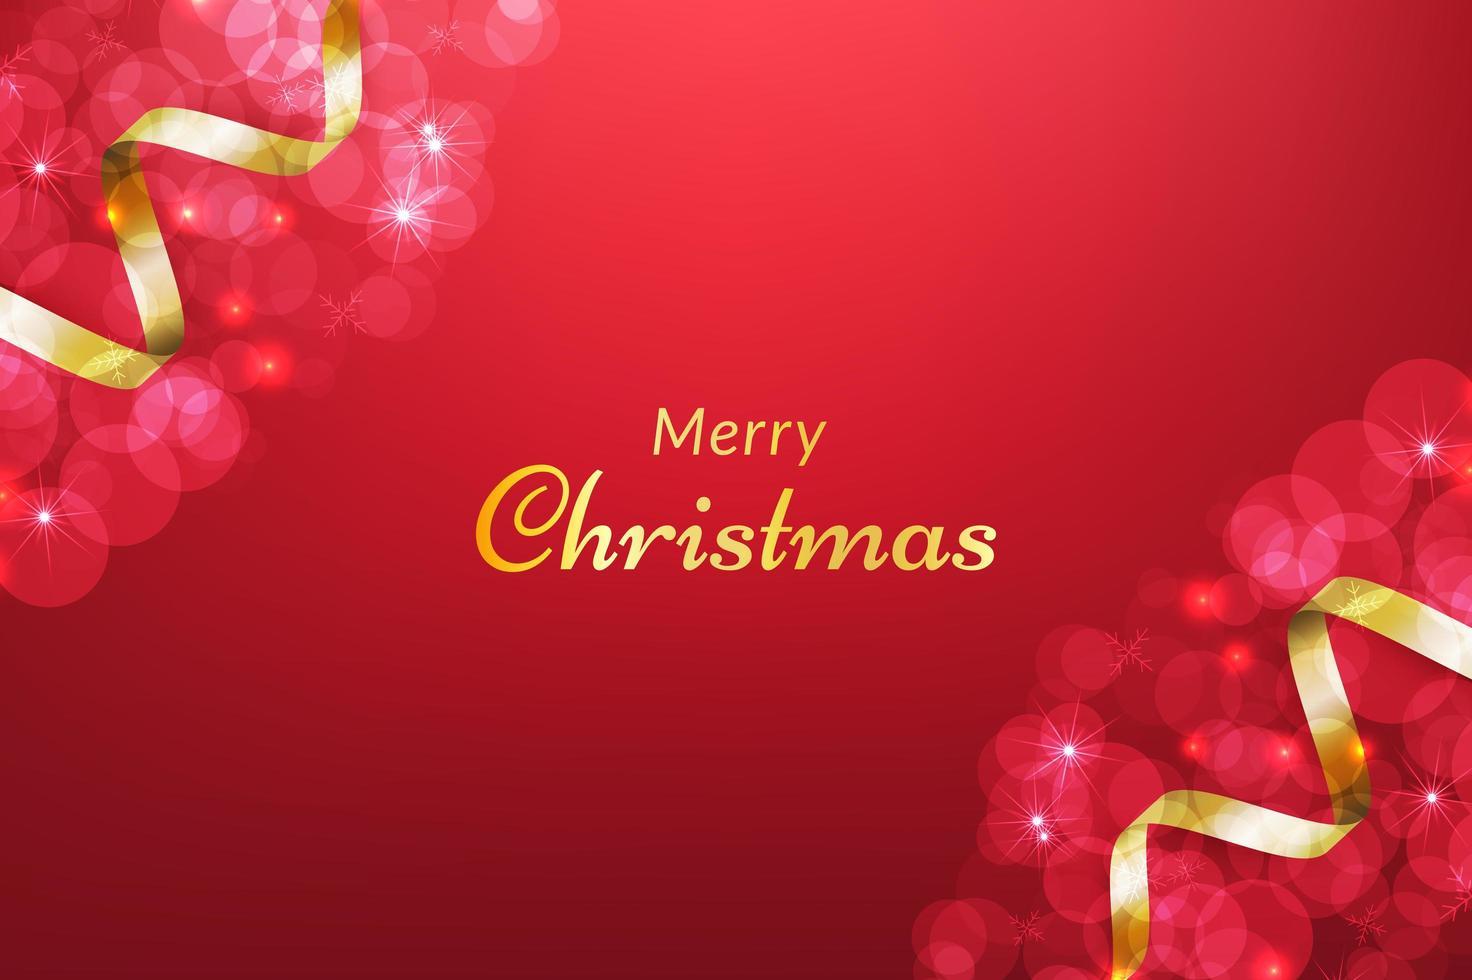 fondo rojo feliz navidad con cinta dorada vector